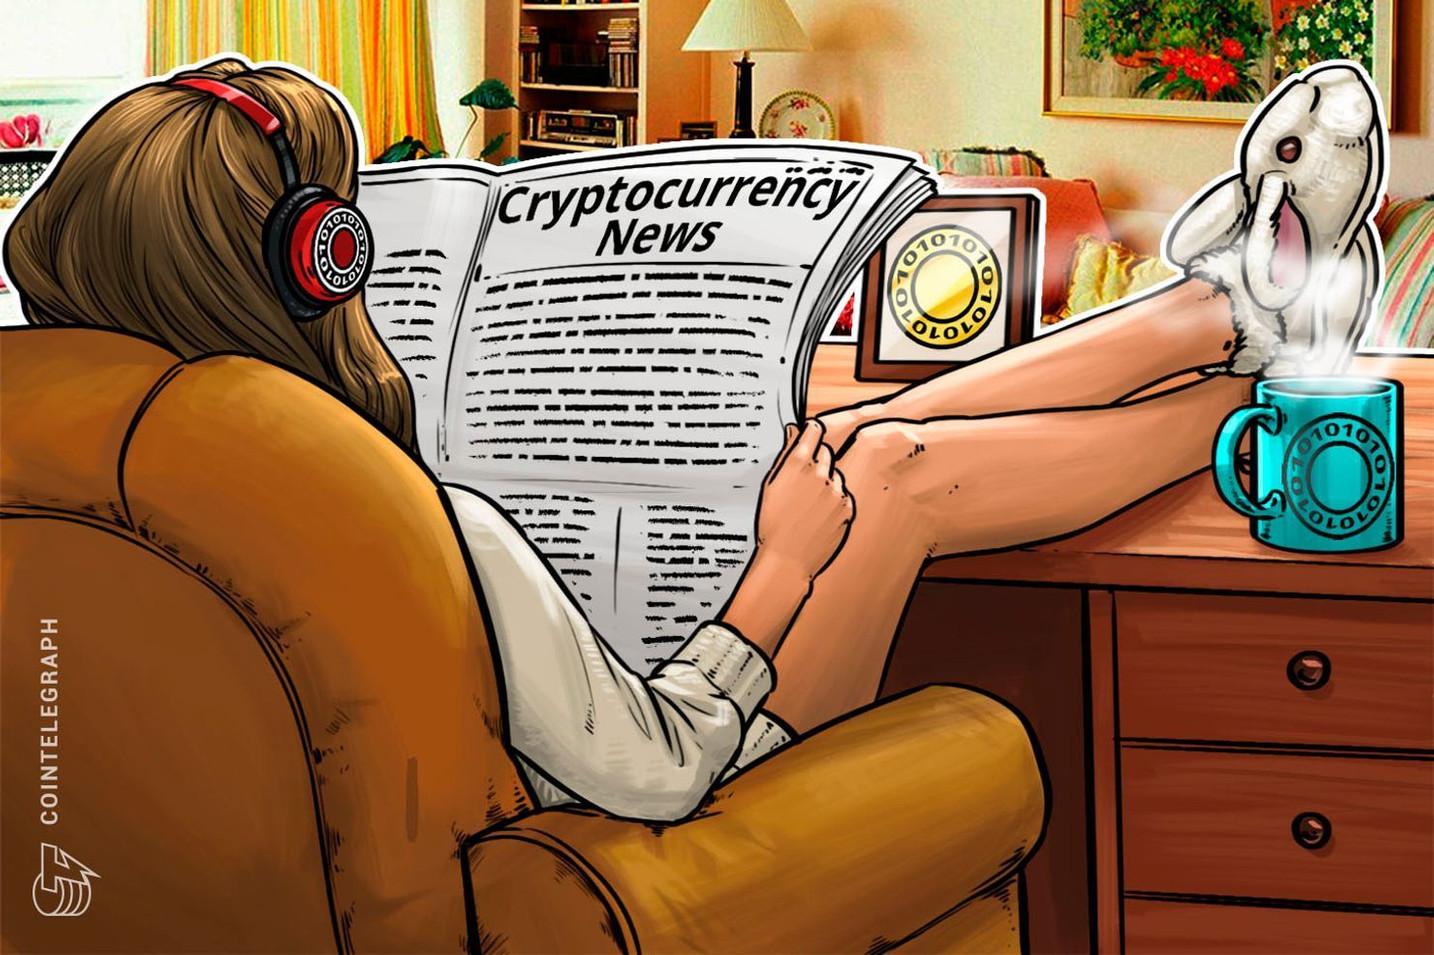 仮想通貨取引所ビットポイント親会社が東大発ブロックチェーン企業に出資 仮想通貨トレーディングソフトの開発推進